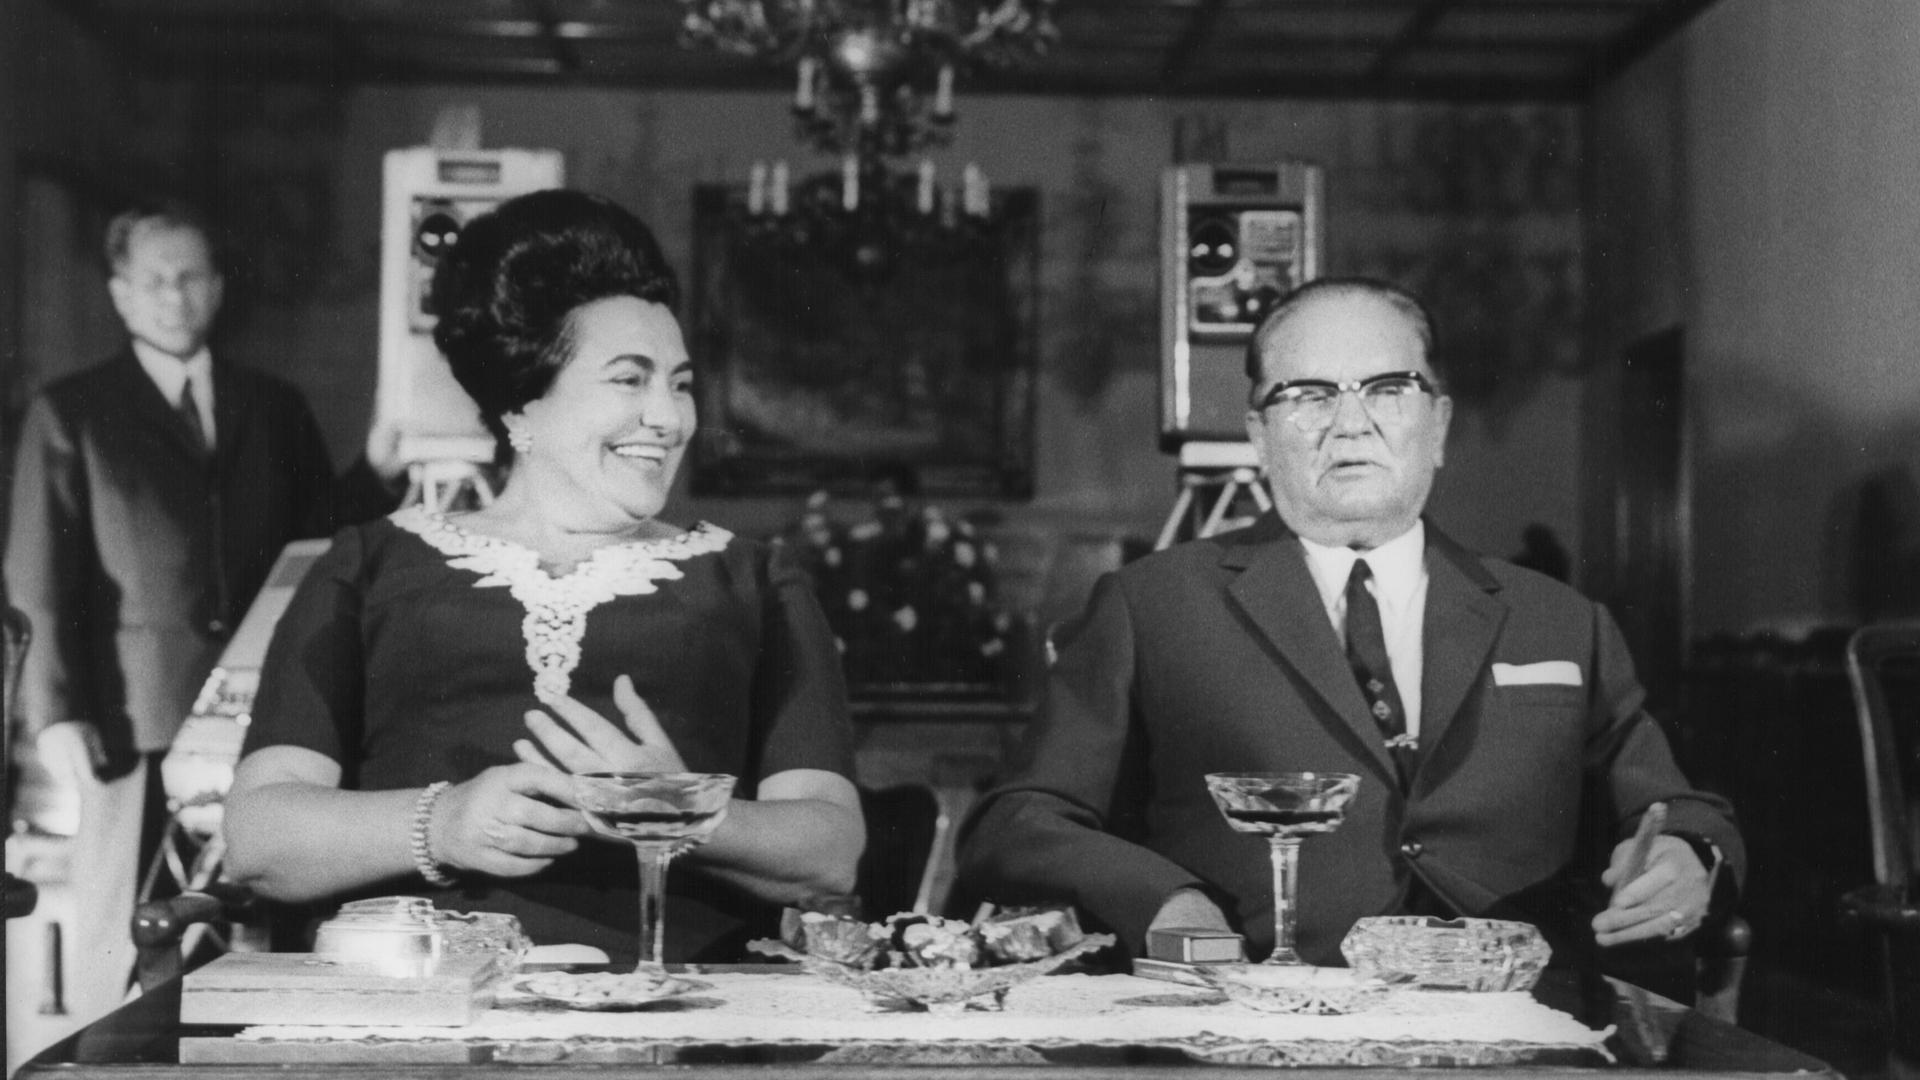 Cinema Komunisto: Leka Konstantinovic (in fondo alla foto) in una foto di repertorio col presidente Tito